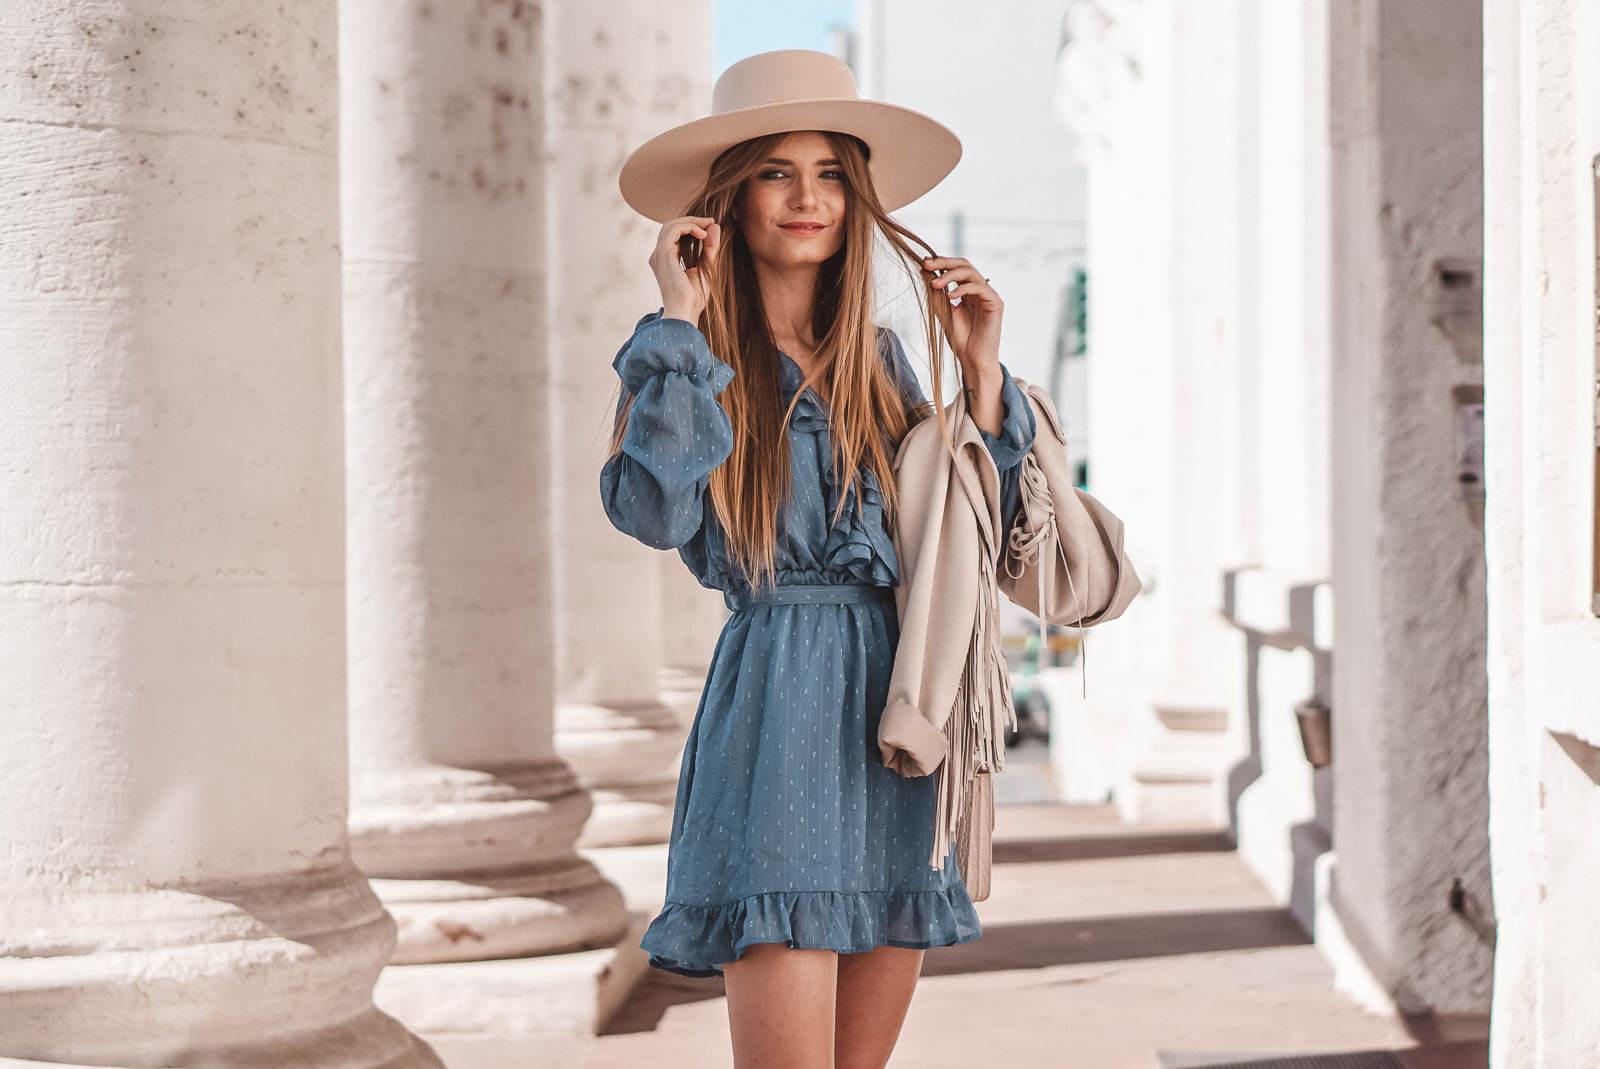 blaue kleider sind die perfekte wahl für den herbst